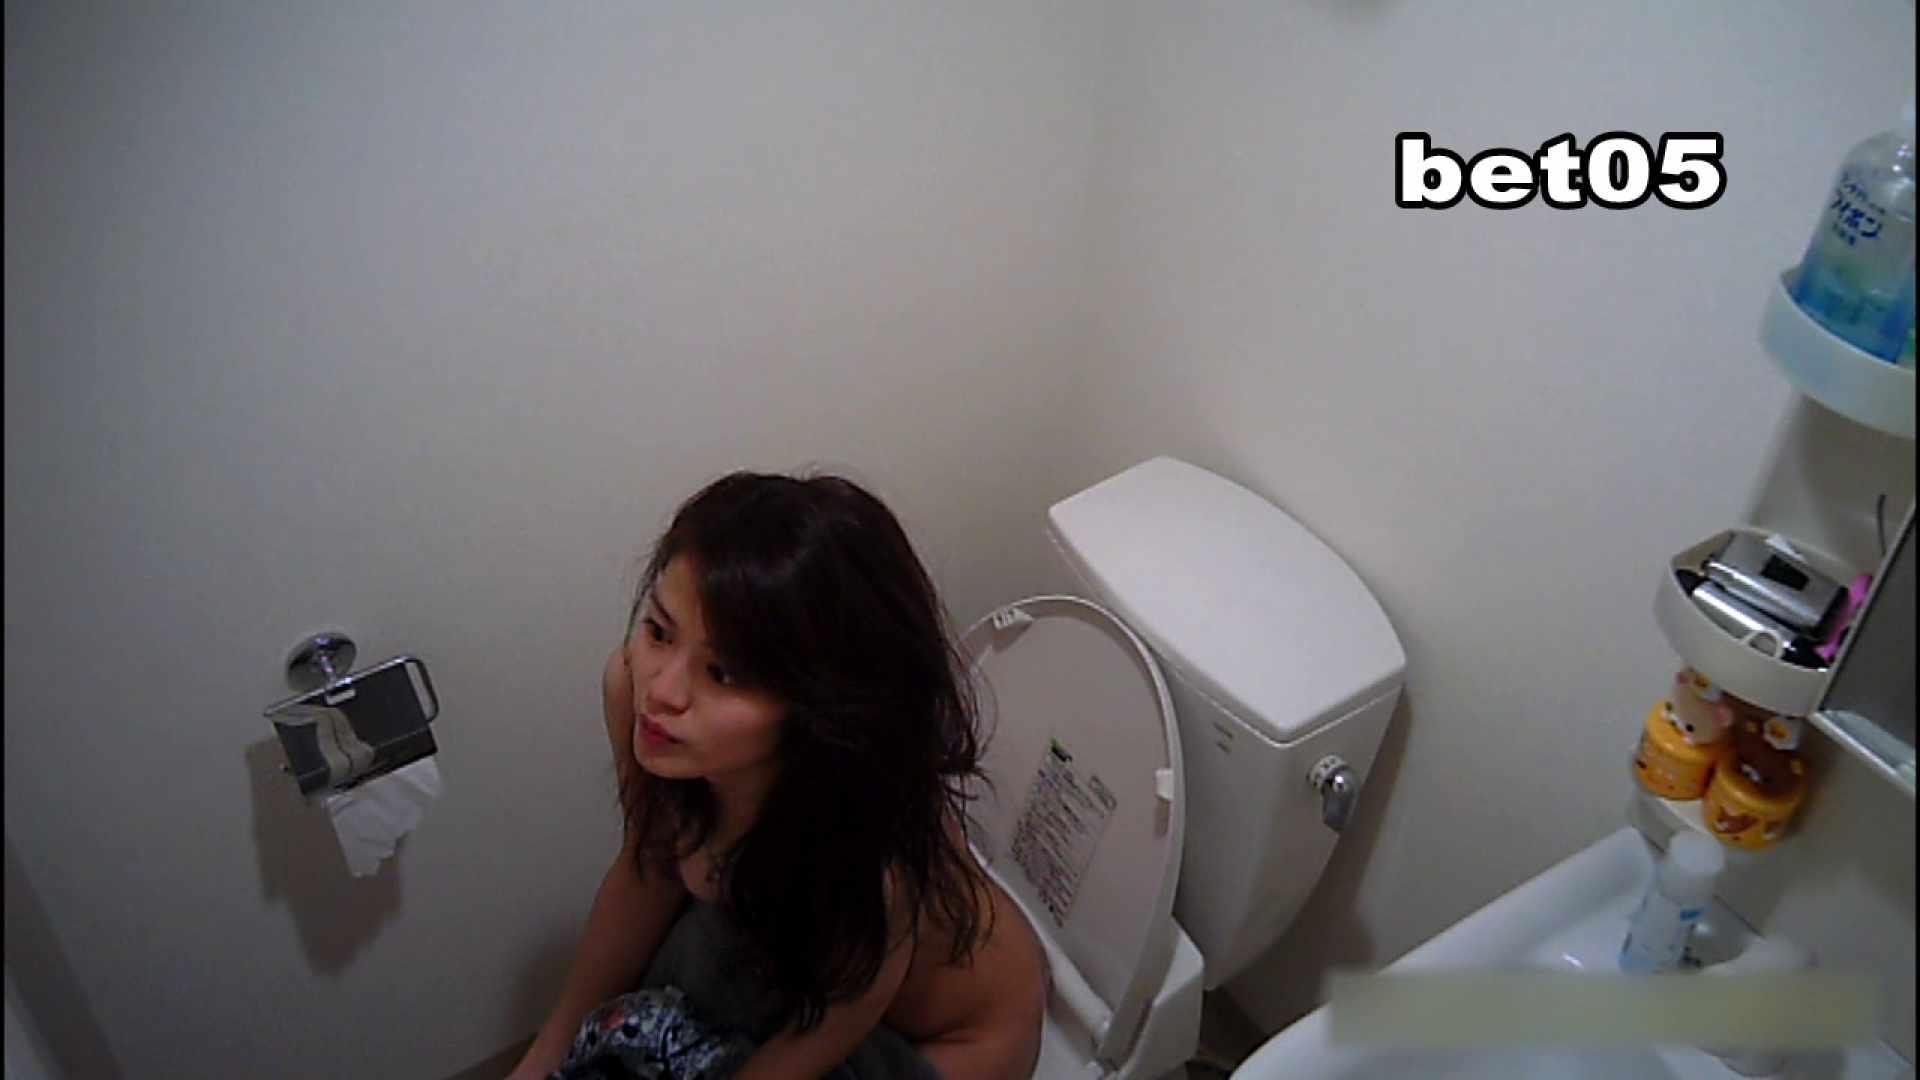 ミキ・大手旅行代理店勤務(24歳・仮名) vol.05 オマケで全裸洗面所も公開 リベンジ  100PIX 6